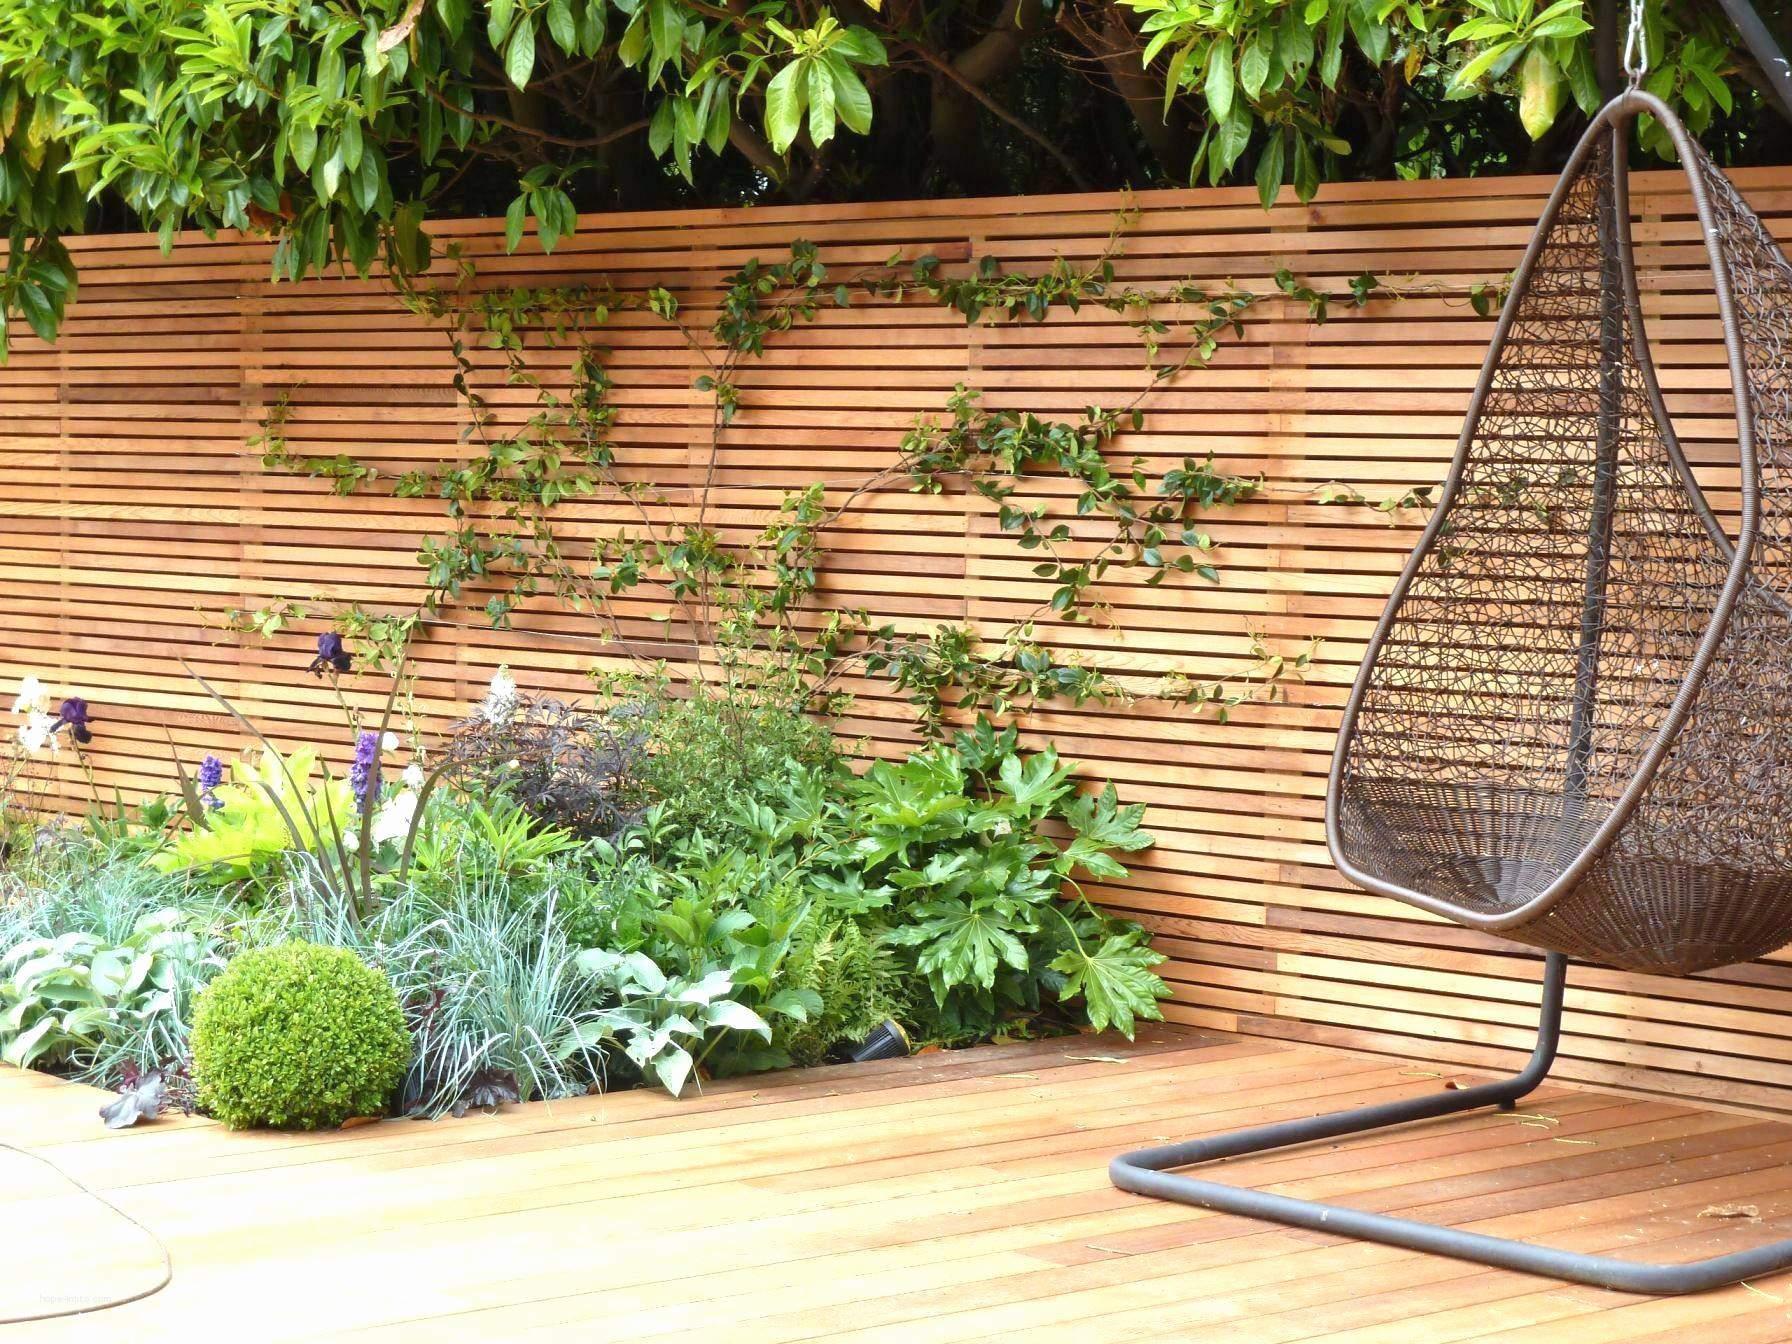 Terrasse Modern Gestalten Inspirierend 32 Einzigartig Garten Terrassen Ideen Das Beste Von